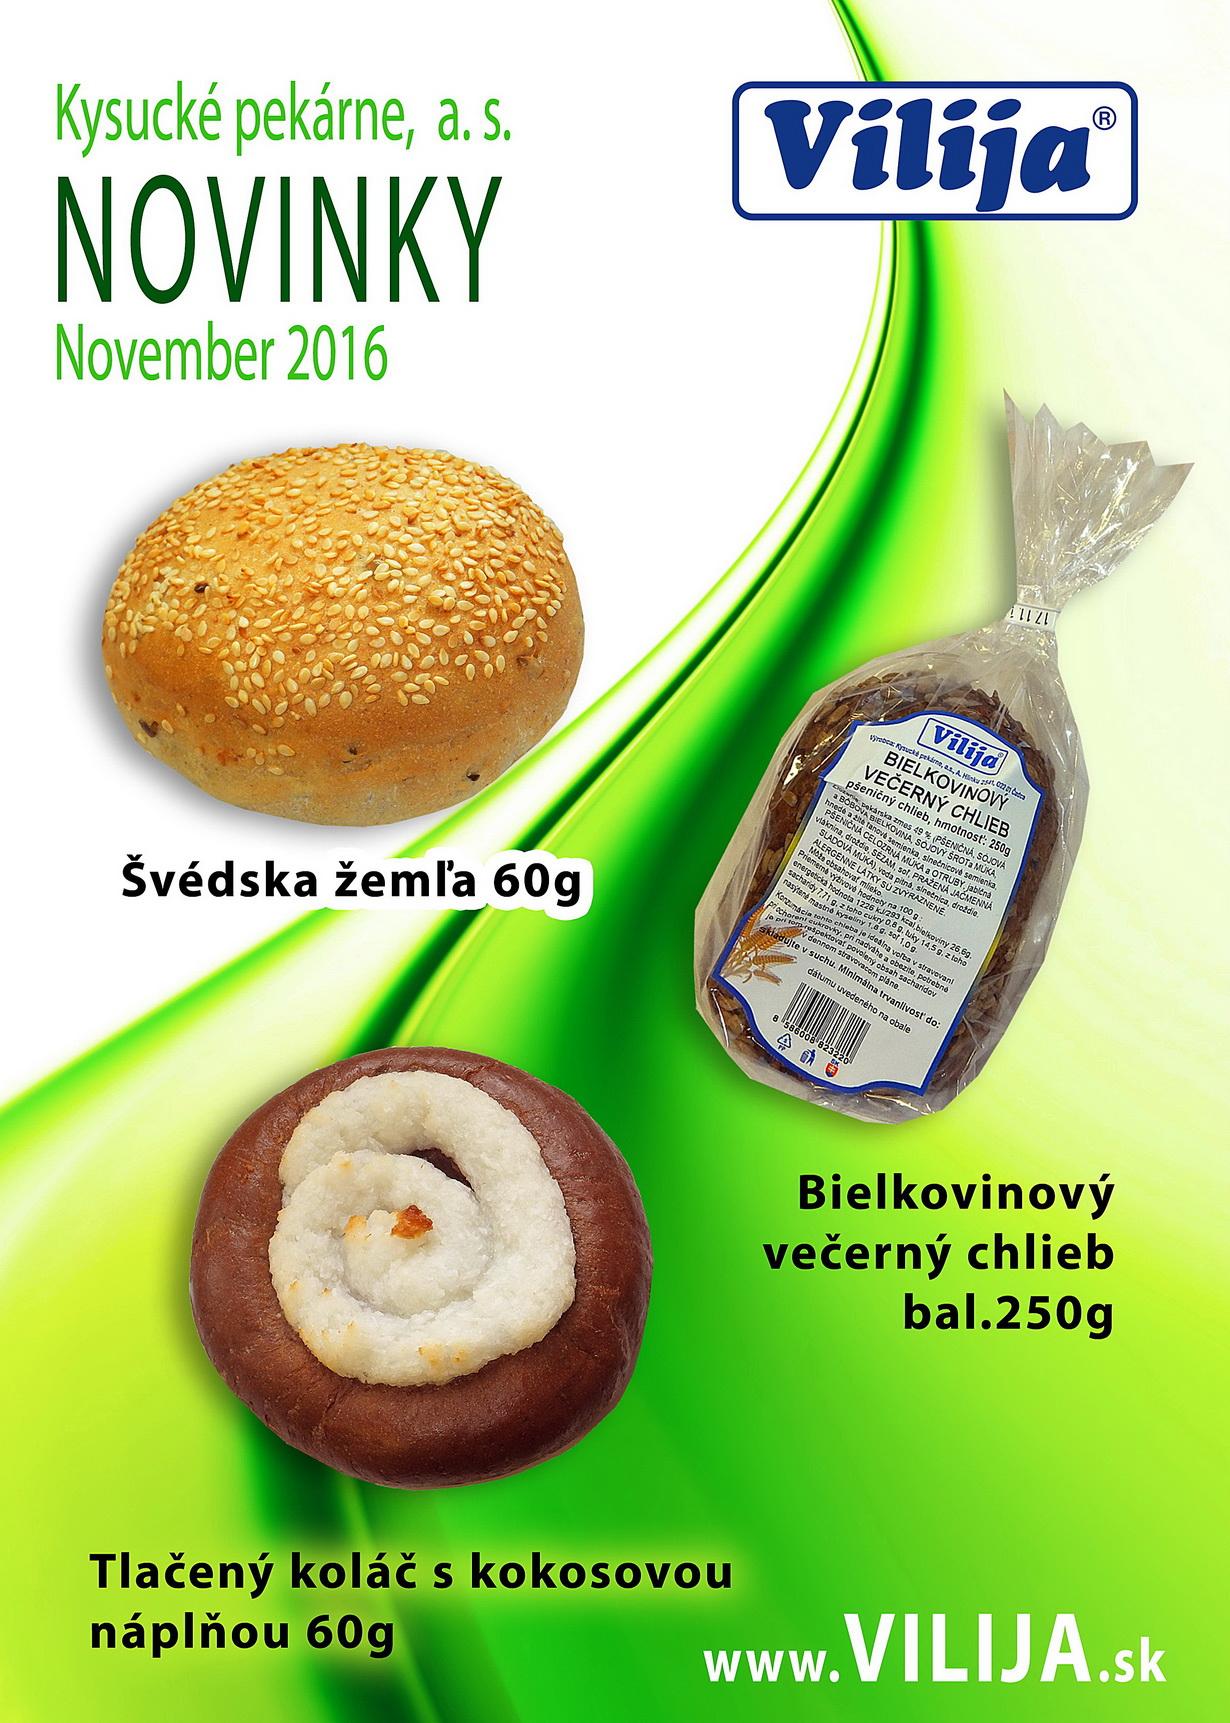 Novinky november 2016 - Vilija